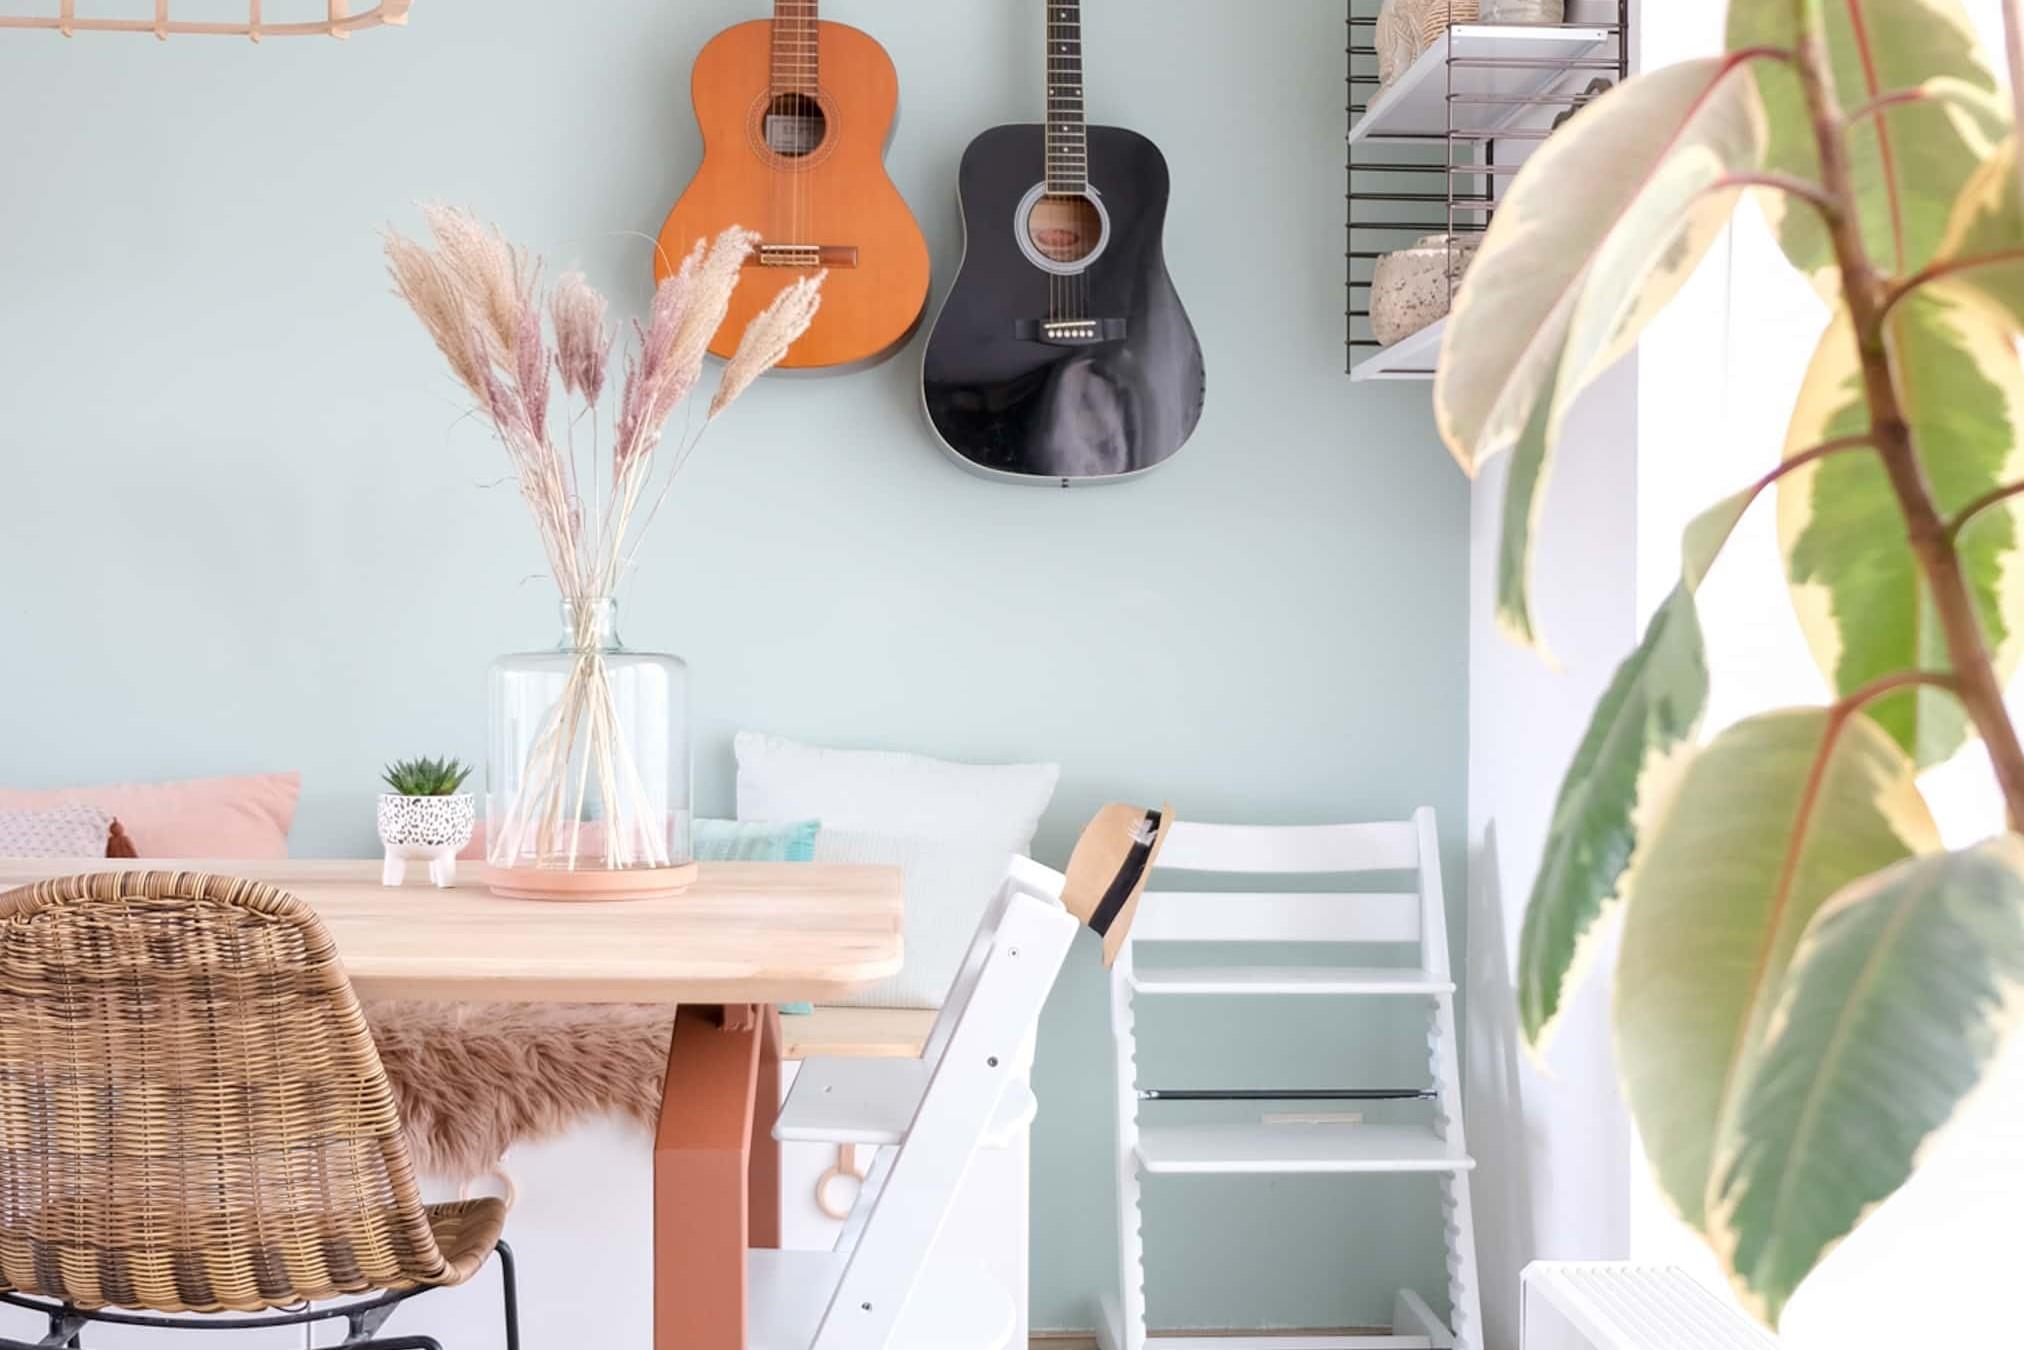 Inspiratie en ideeen voor decoratie op de eettafel